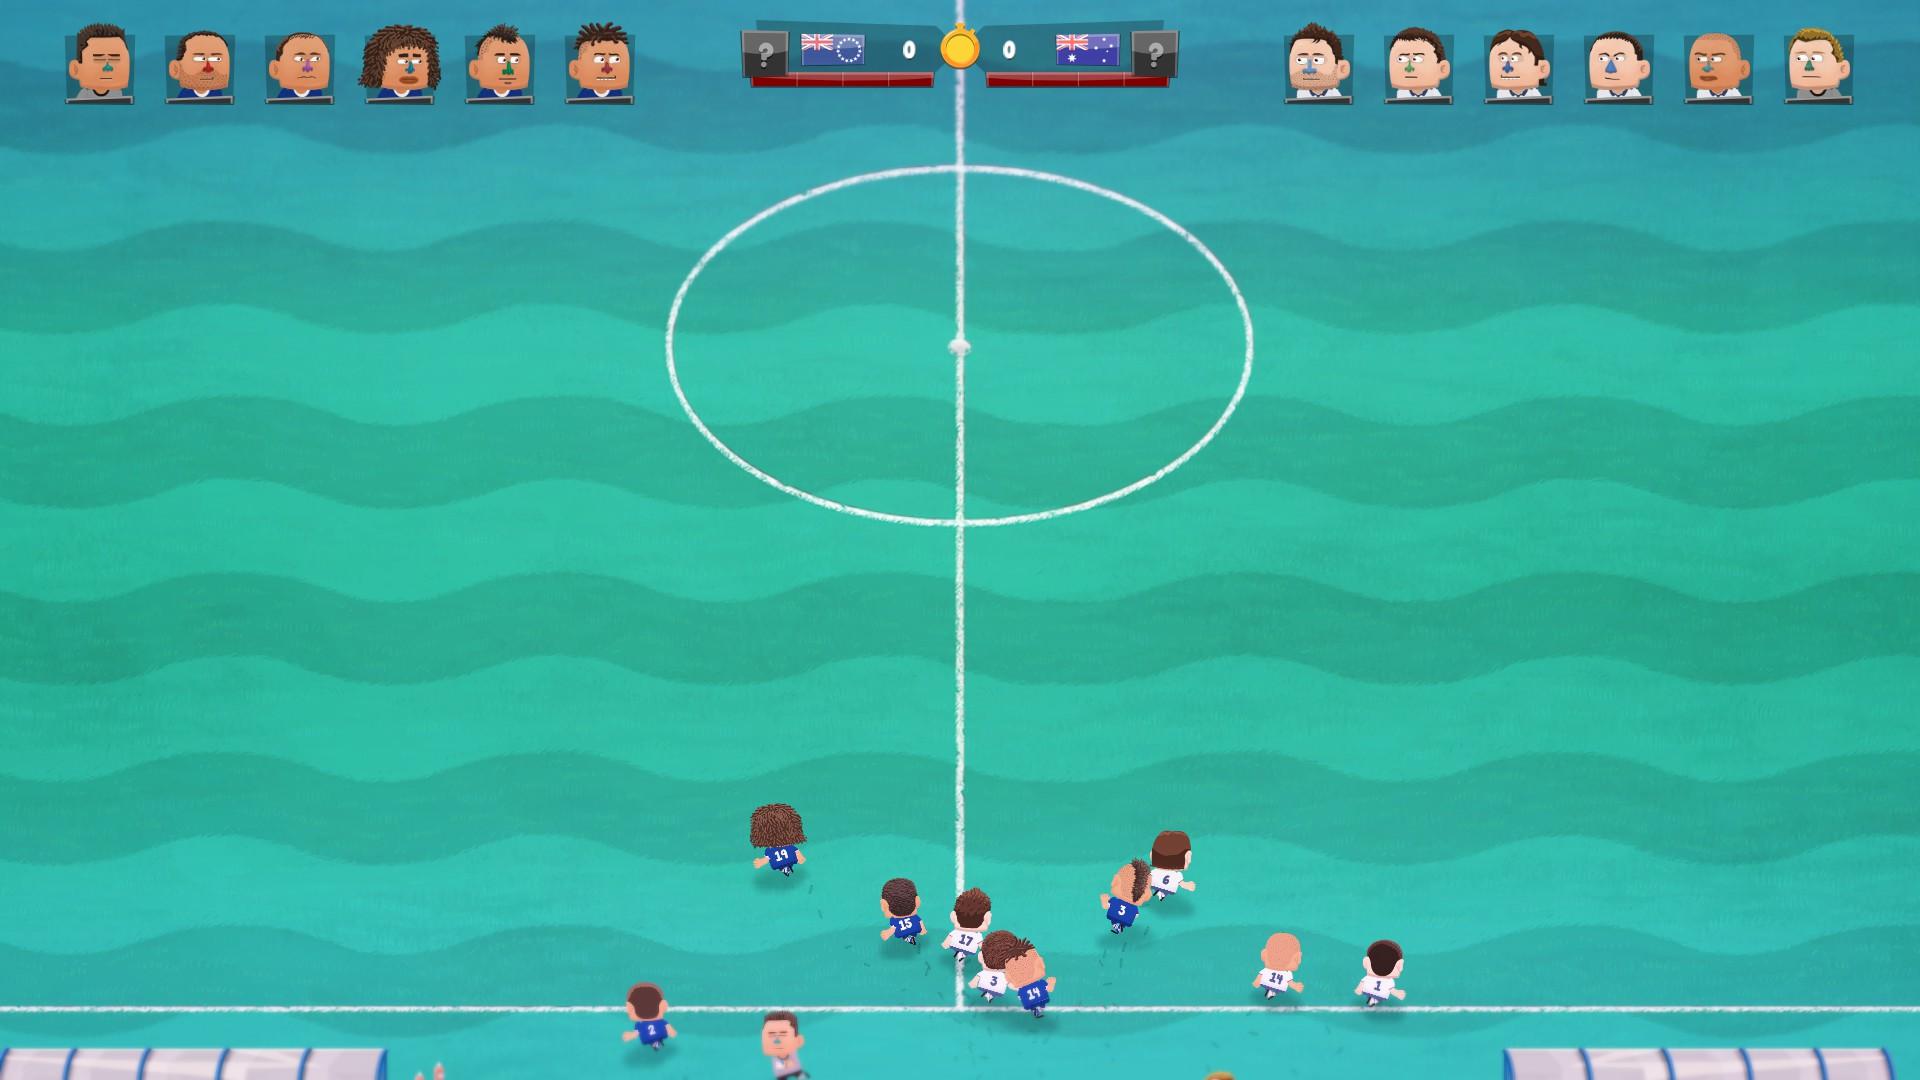 Kopanito All-Stars Soccer - Das Spiel beginnt